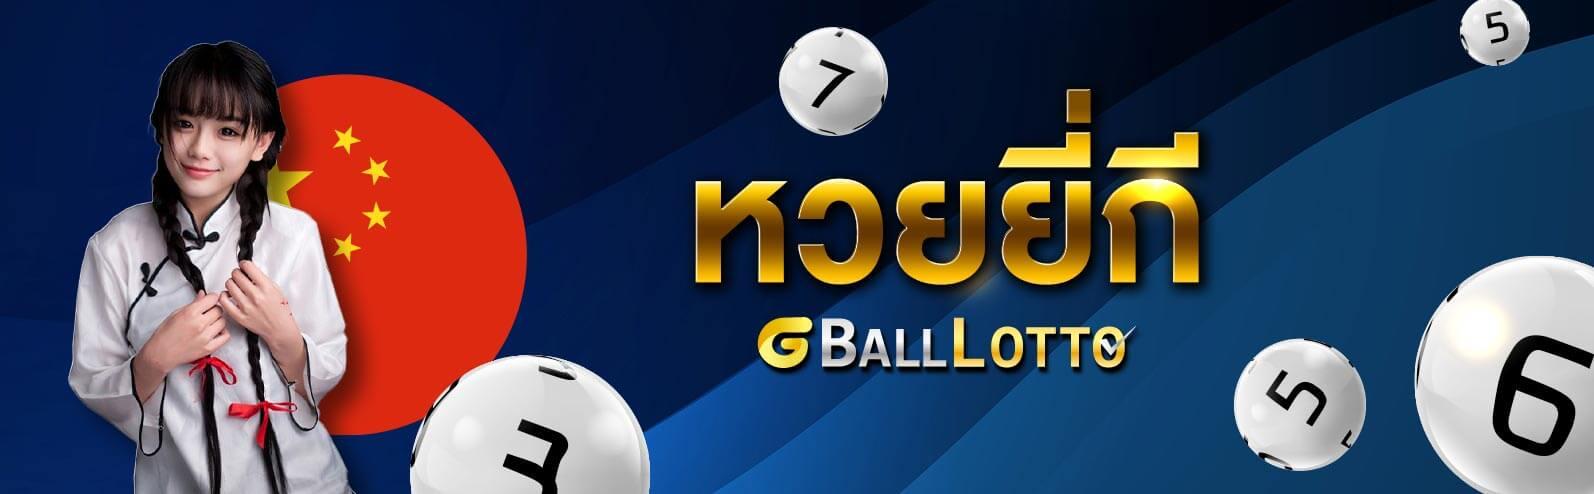 gball8